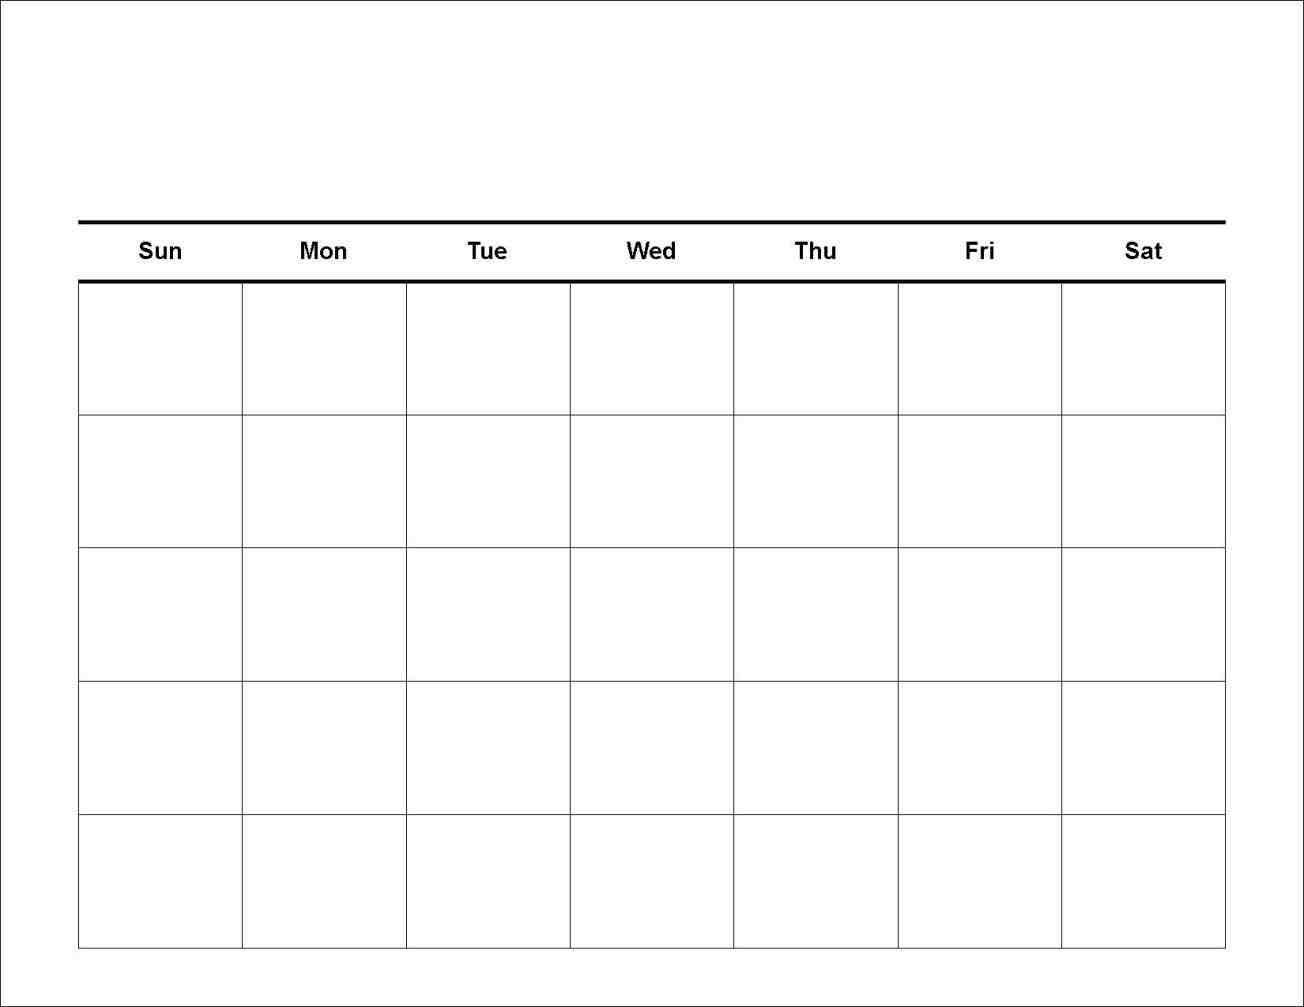 Day Calendar Template Clever Ideas Calendario Escolares Schedule pertaining to Blank 7 Day Calendar To Print